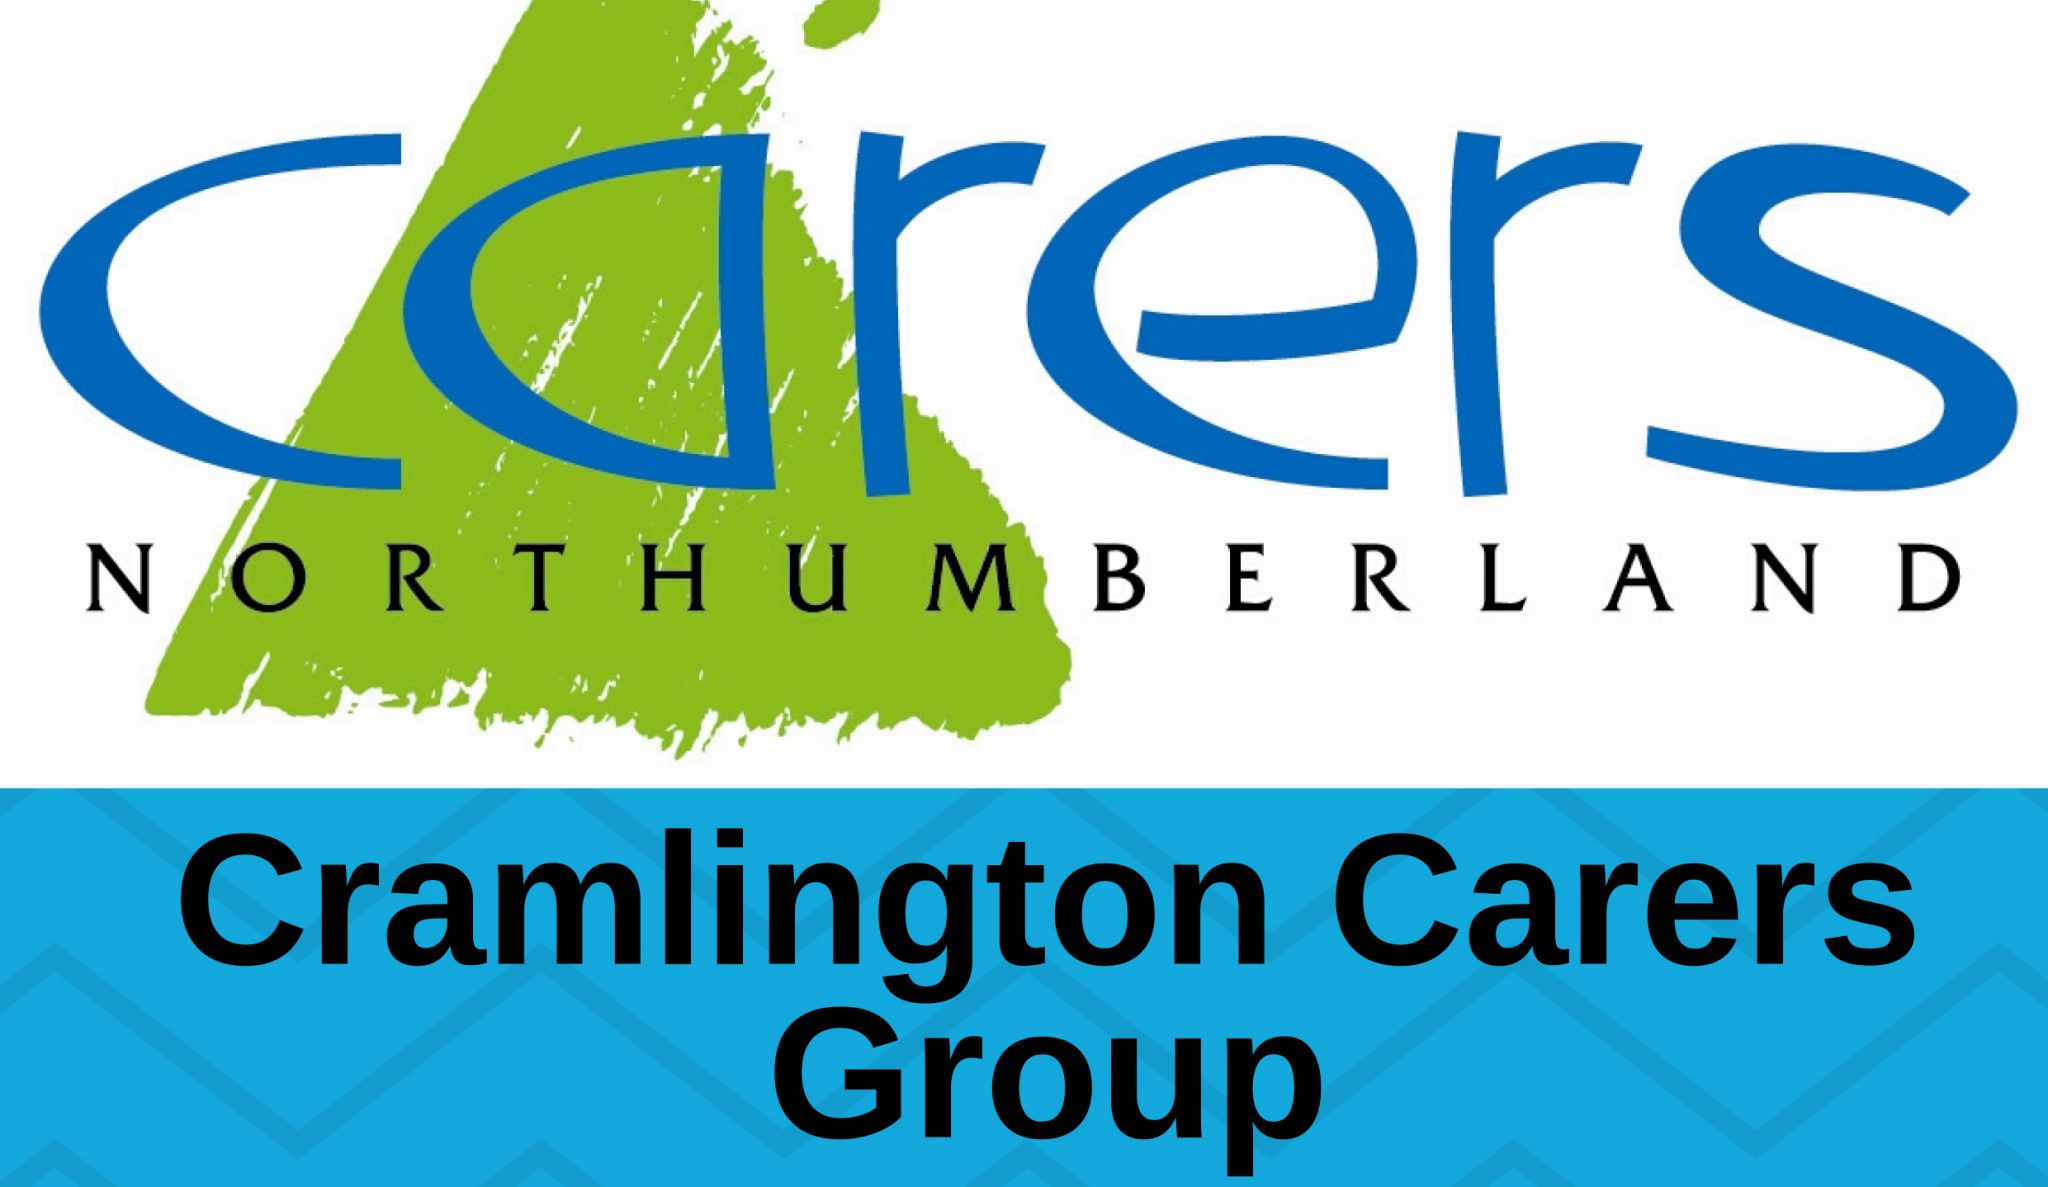 Cramlington Carers Group